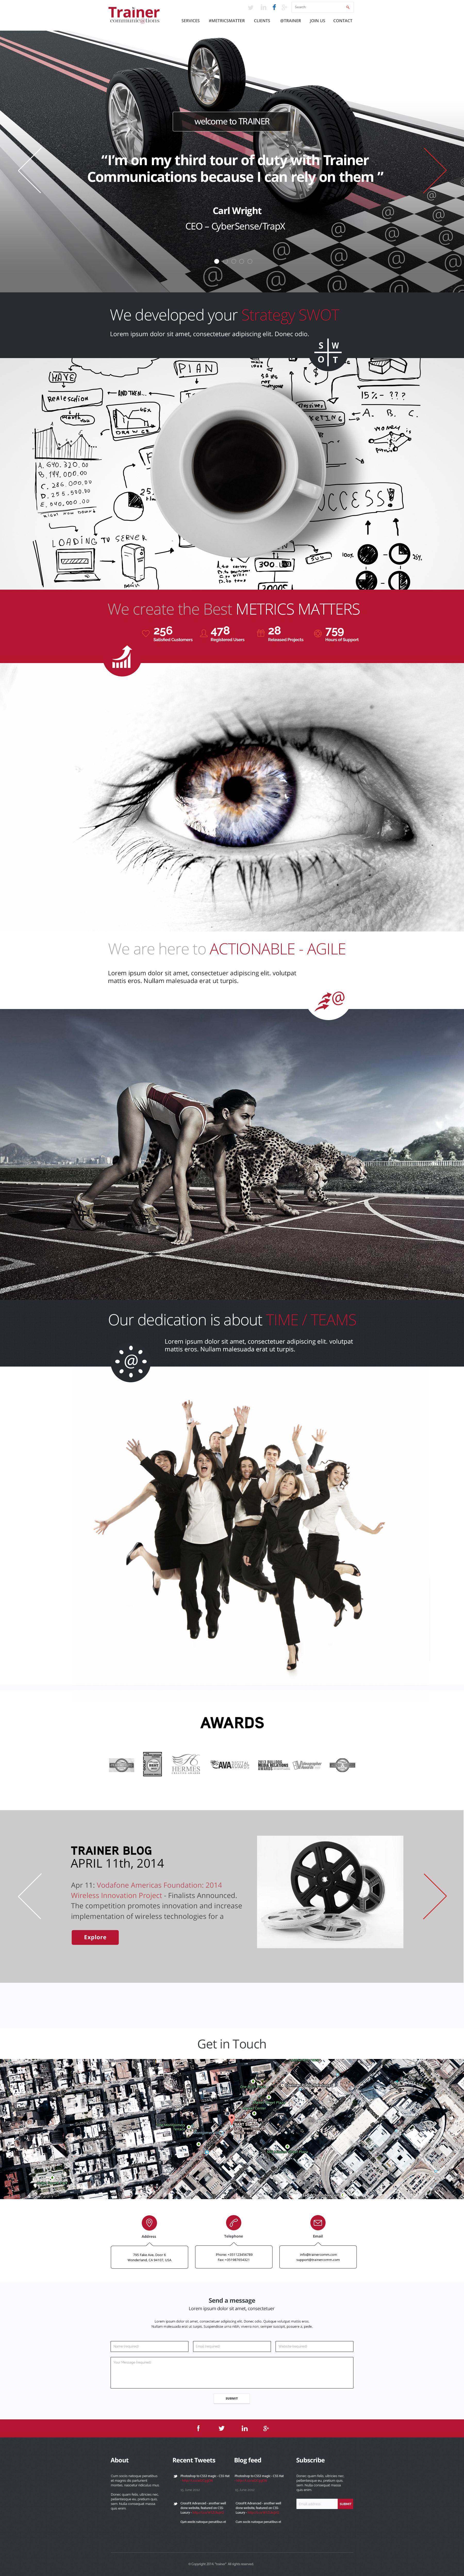 01_homepage_trainer_21b.jpg